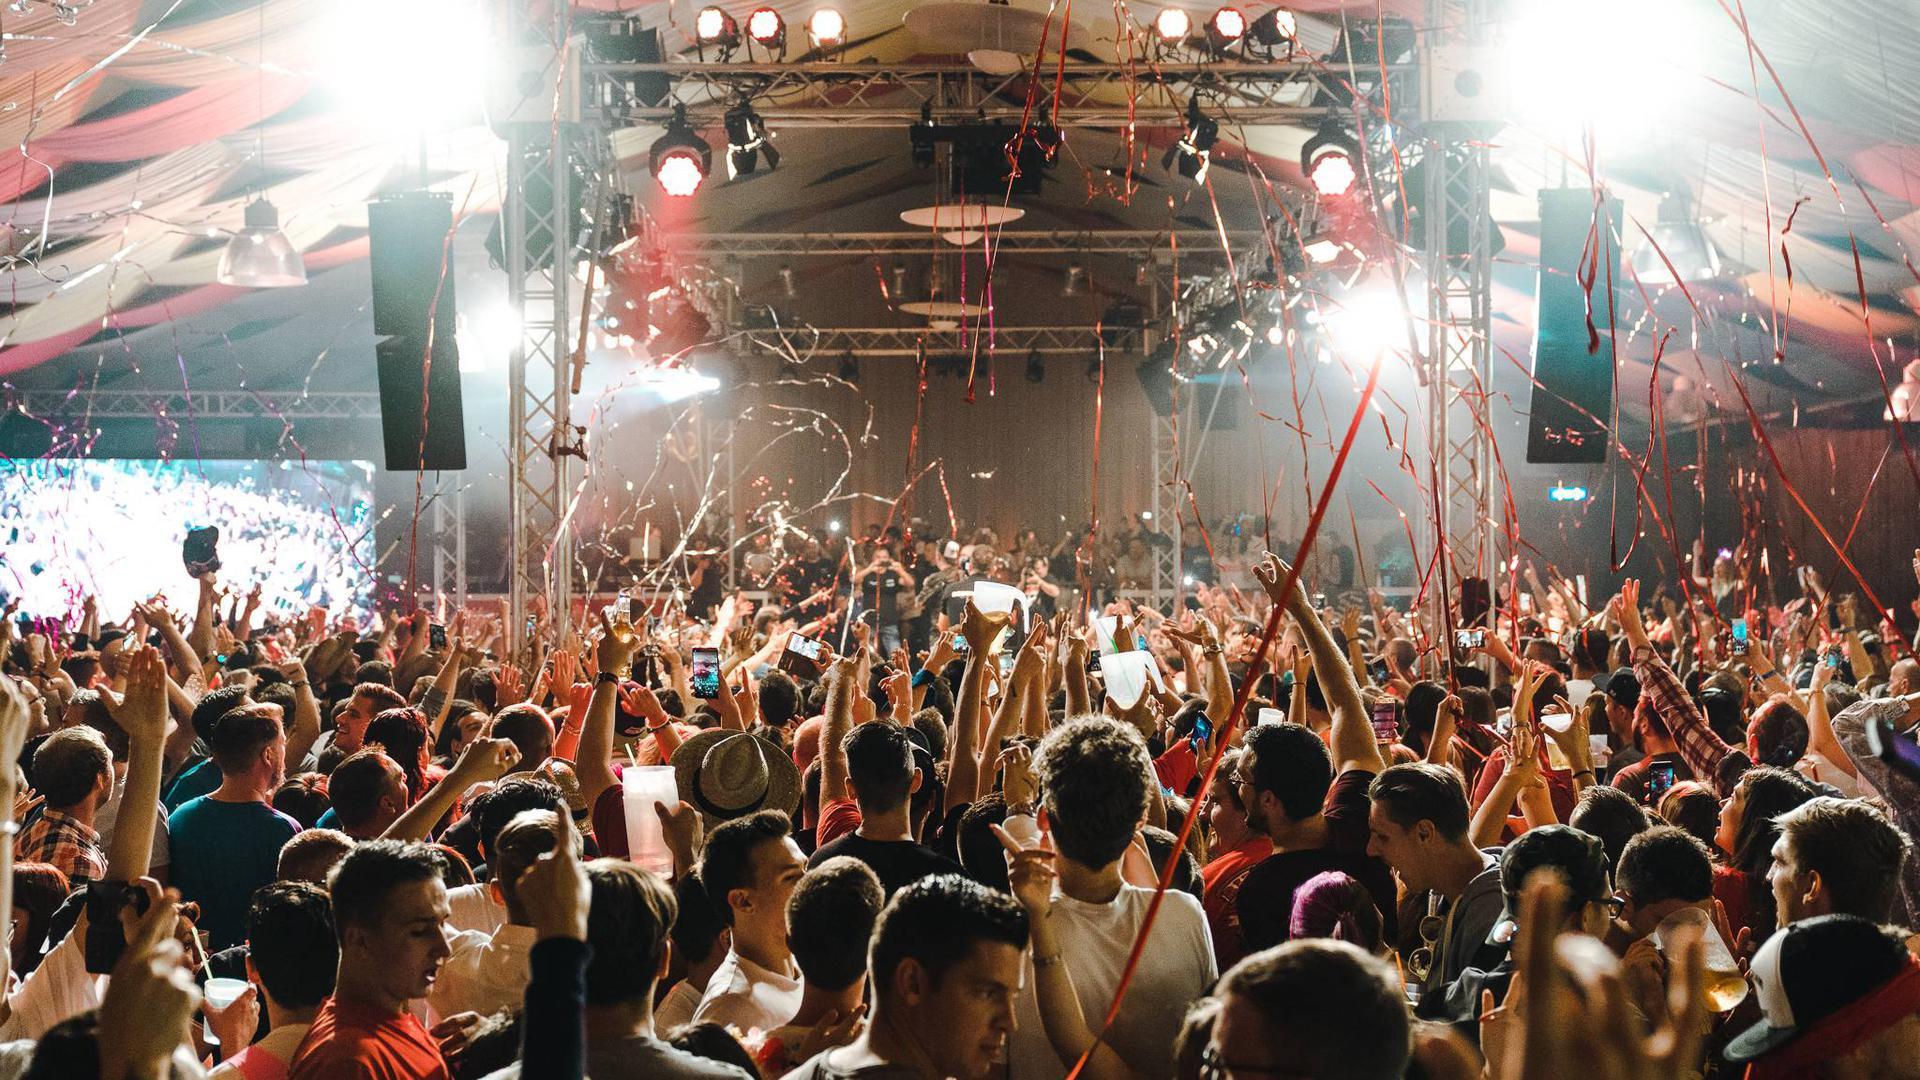 Partylaune pur: Die Stimmungswogen schlagen hoch, wenn Ballermann-Atmosphäre in die Hallen der Region verlagert wird.